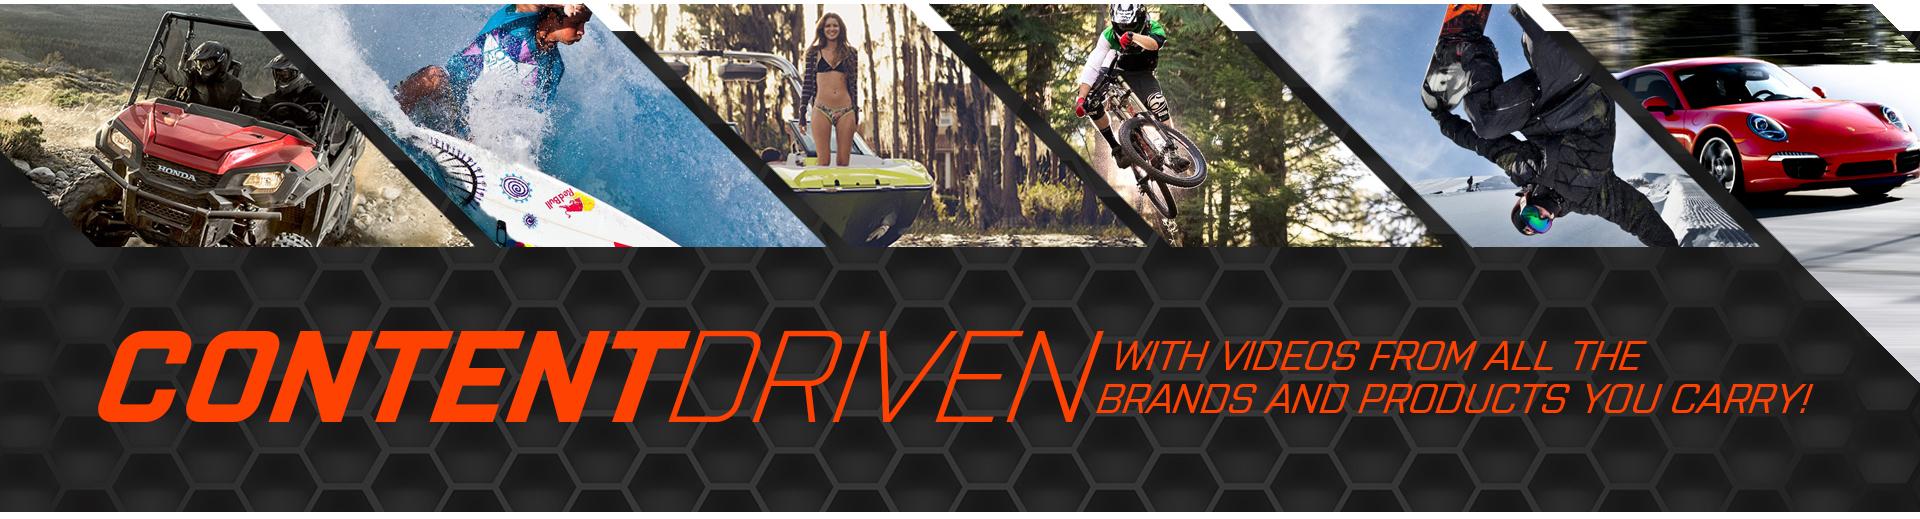 MOTOTV_site_design_contentDriven_revised.jpg